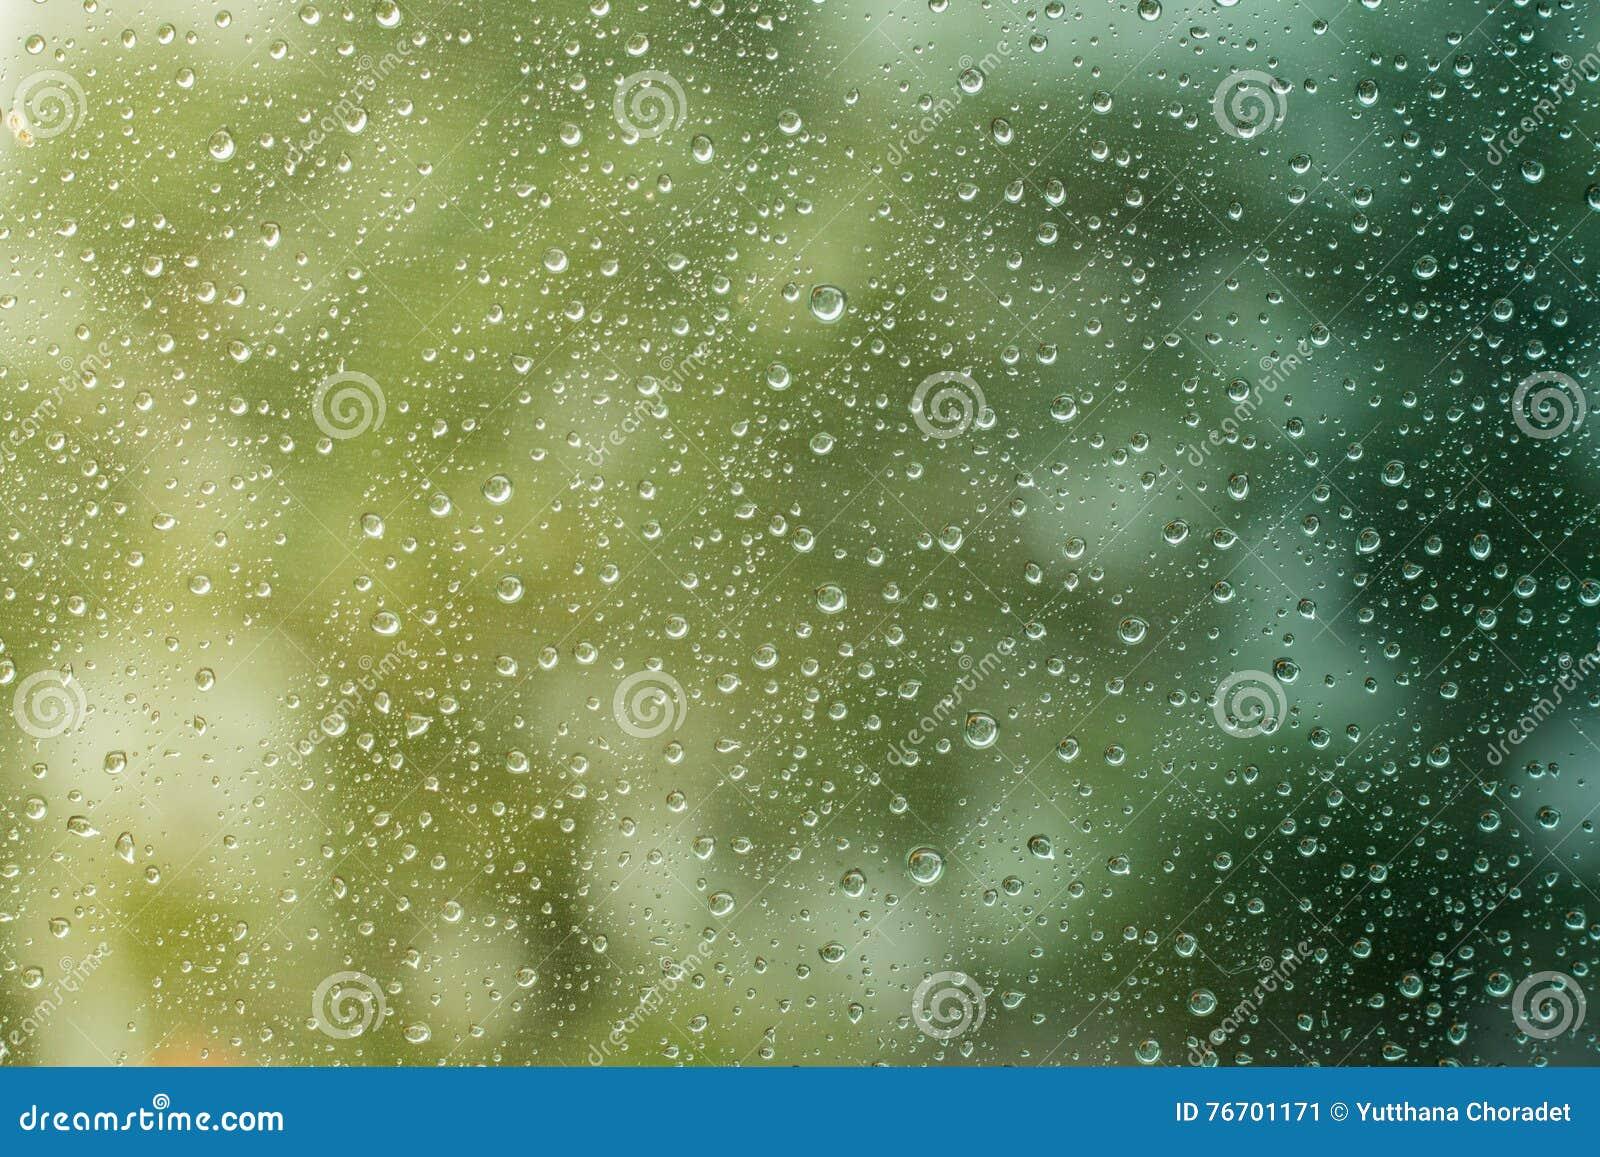 Gota de lluvia en la superficie de un coche Descenso del agua